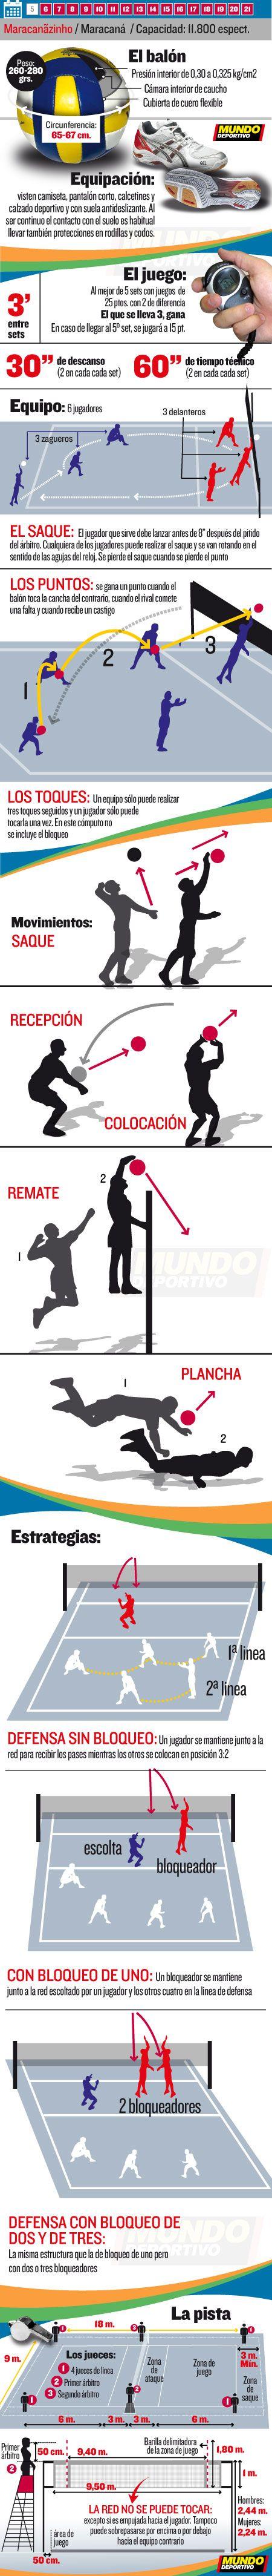 Voleibol en las Olimpíadas de Río 2016. Las reglas básicas del voleibol, el calendario y toda la competición en mundodeportivo.com